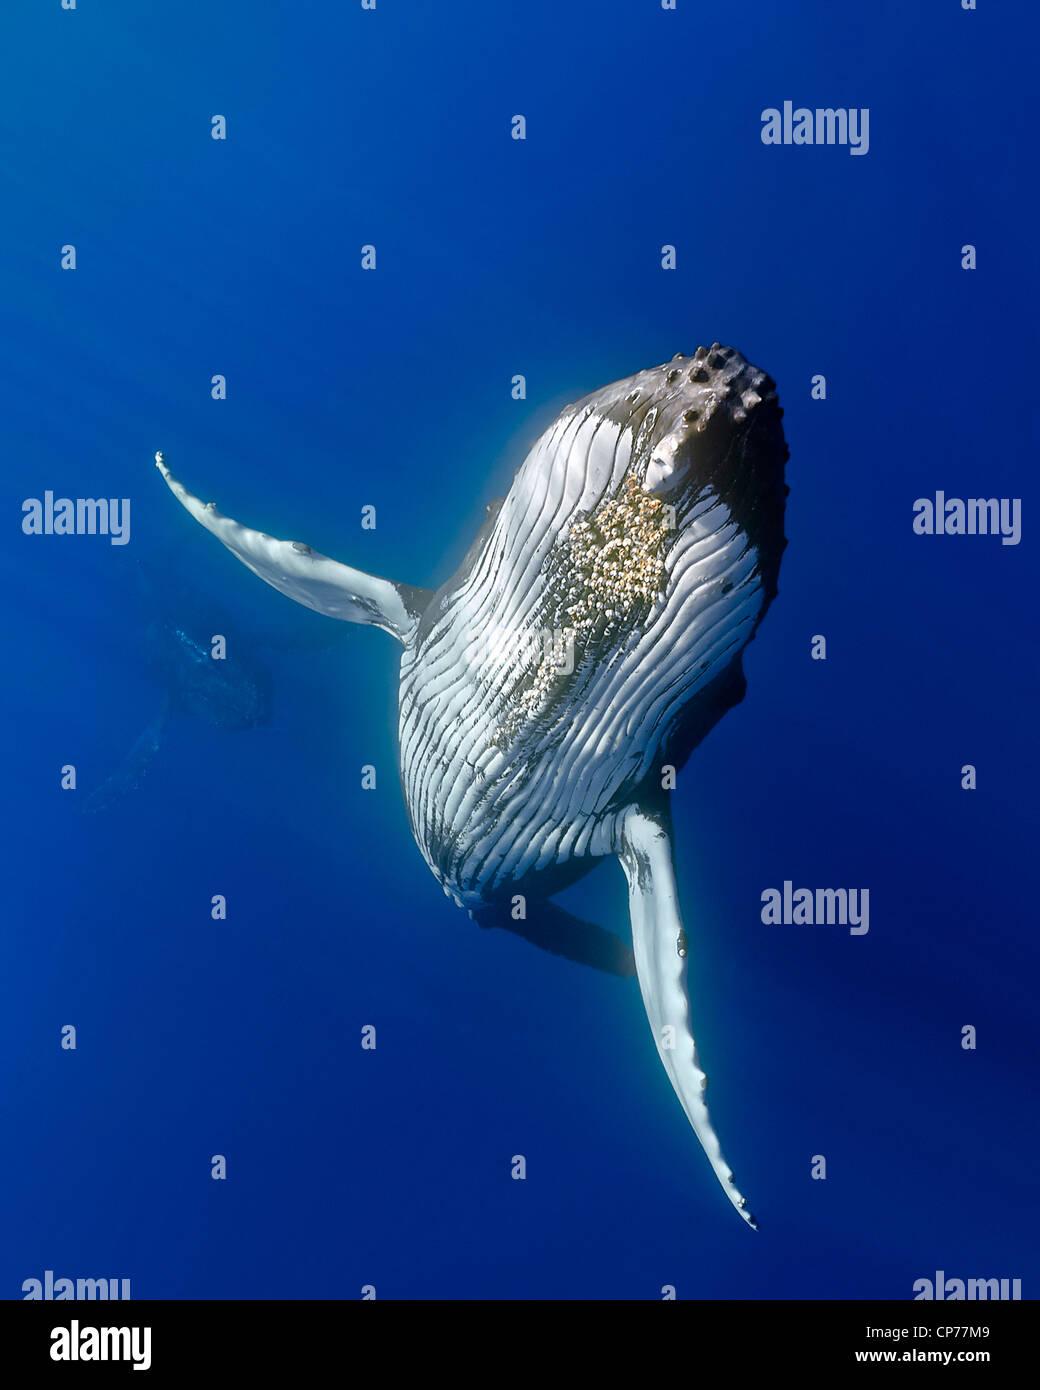 La ballena jorobada (Megaptera novaeangliae) Foto de stock